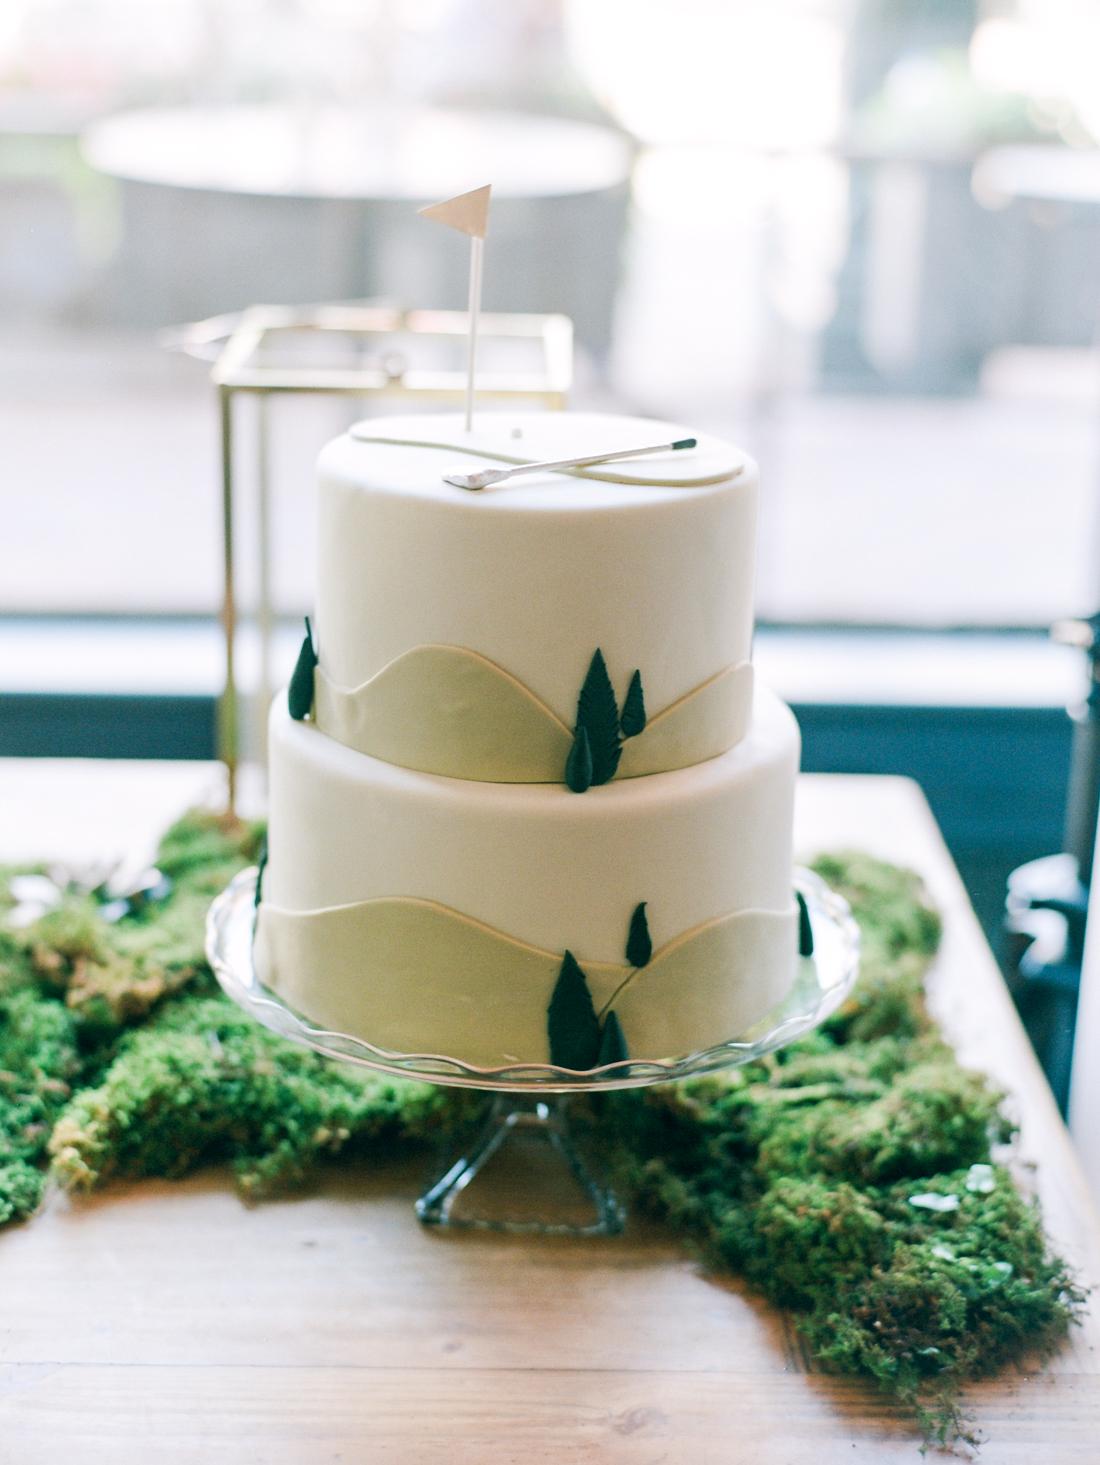 Kristin_Brett_TheKitchen_Denver_Wedding_by_Connie_Whitlock_web_220.jpg